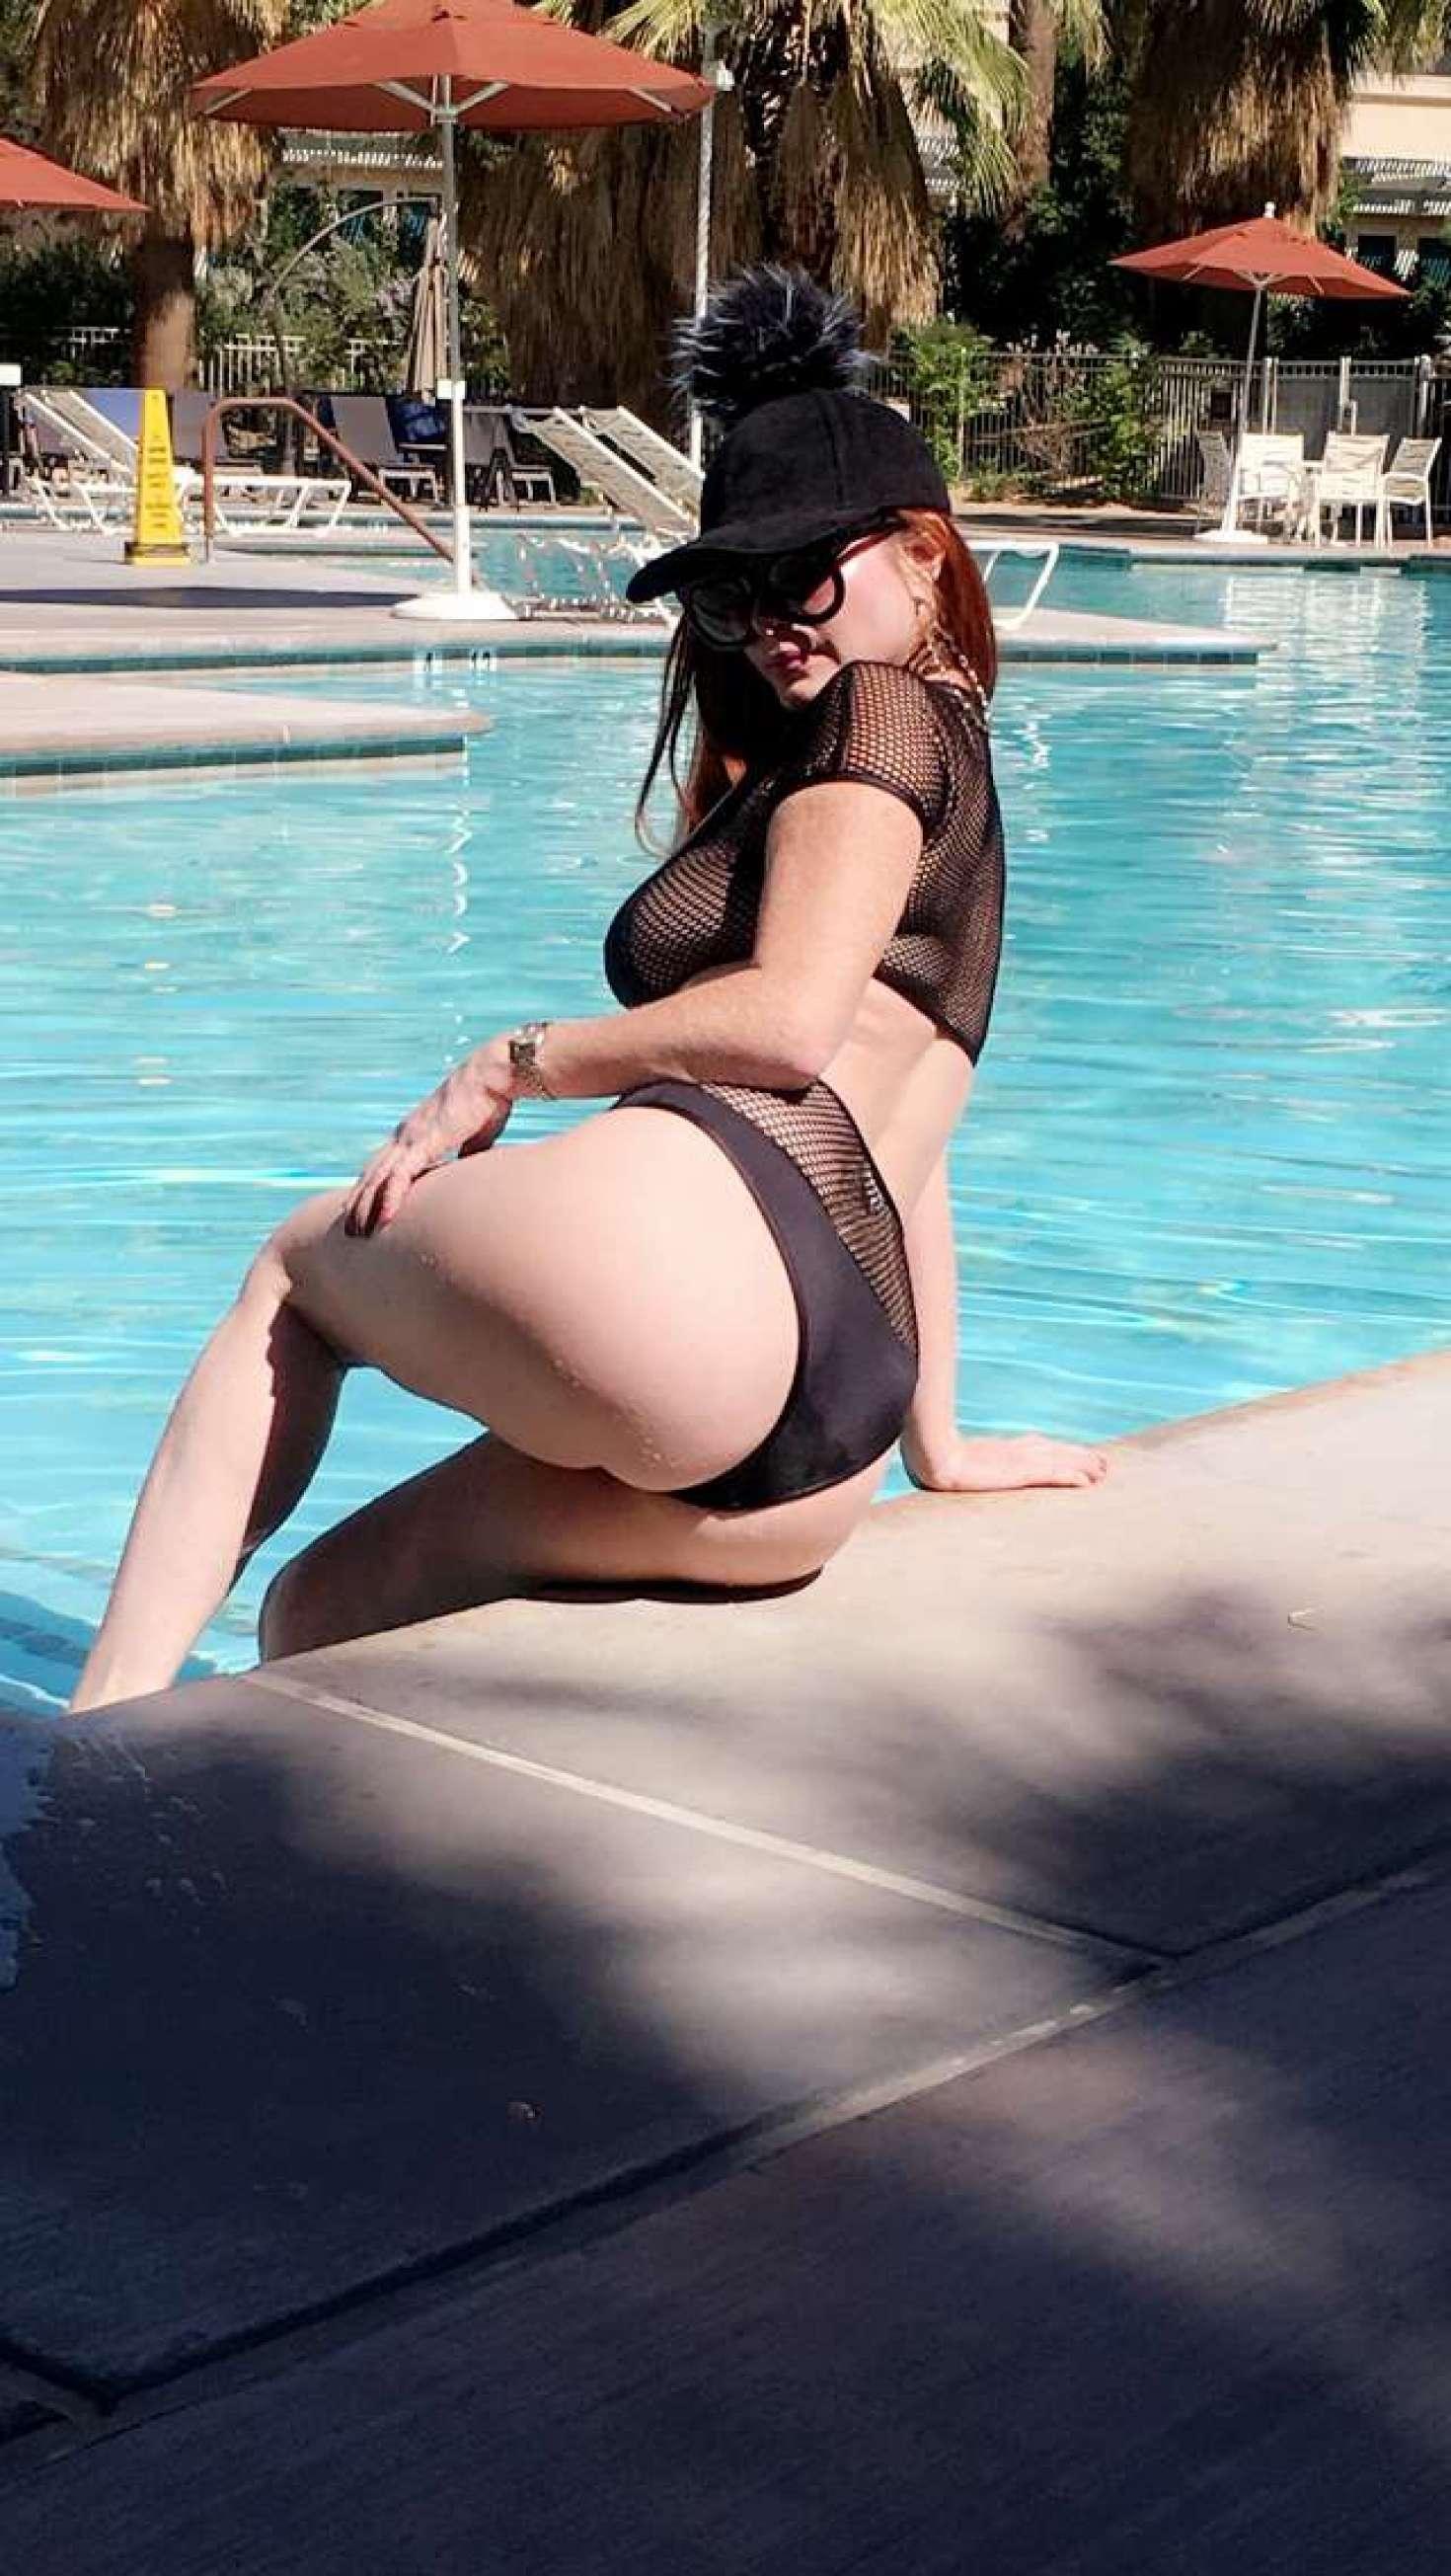 Sophia Vegas 2017 : Sophia Vegas and Phoebe Price: In Bikini poses at the pool in Palm Springs-12